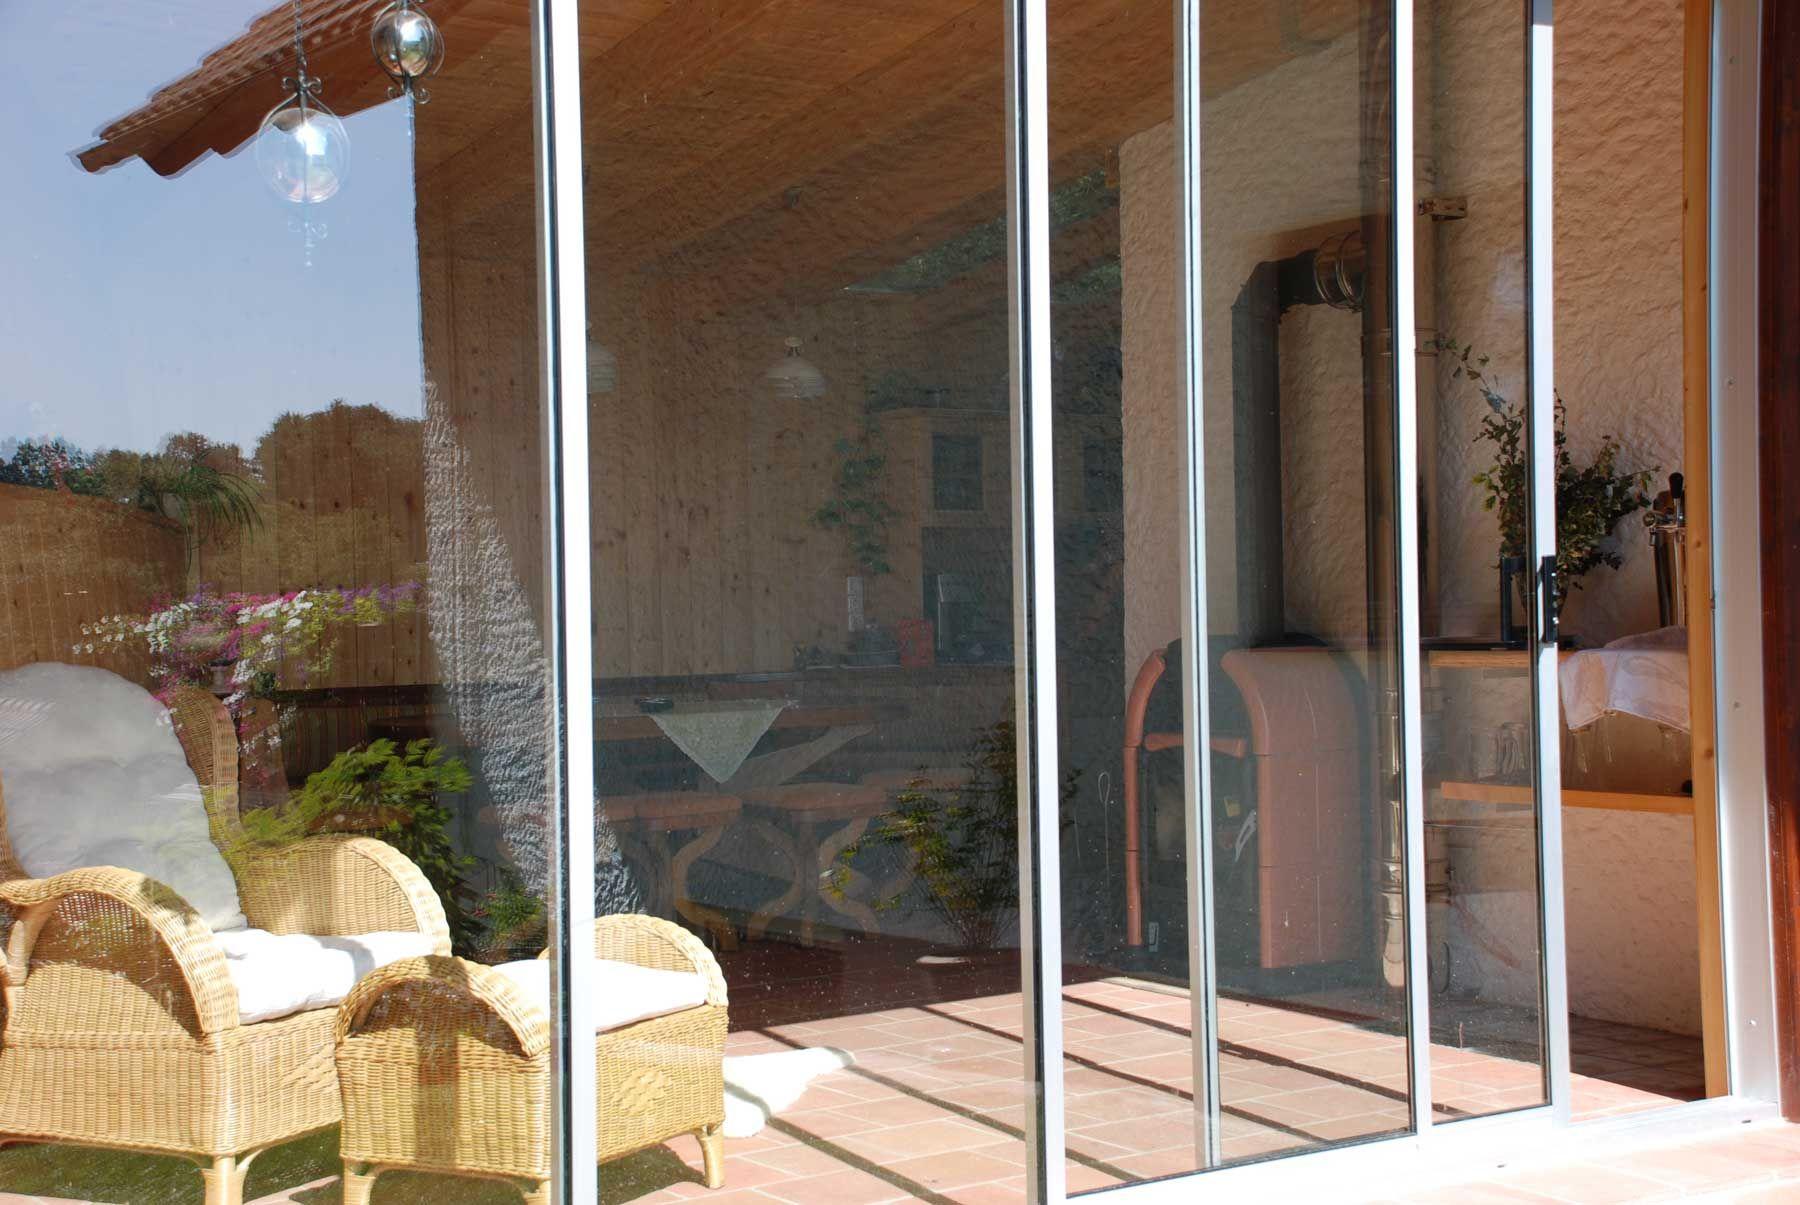 flexible schiebetren von neher multiraum fr verschiedene lsungen - Windschutz Terrasse Flexibel